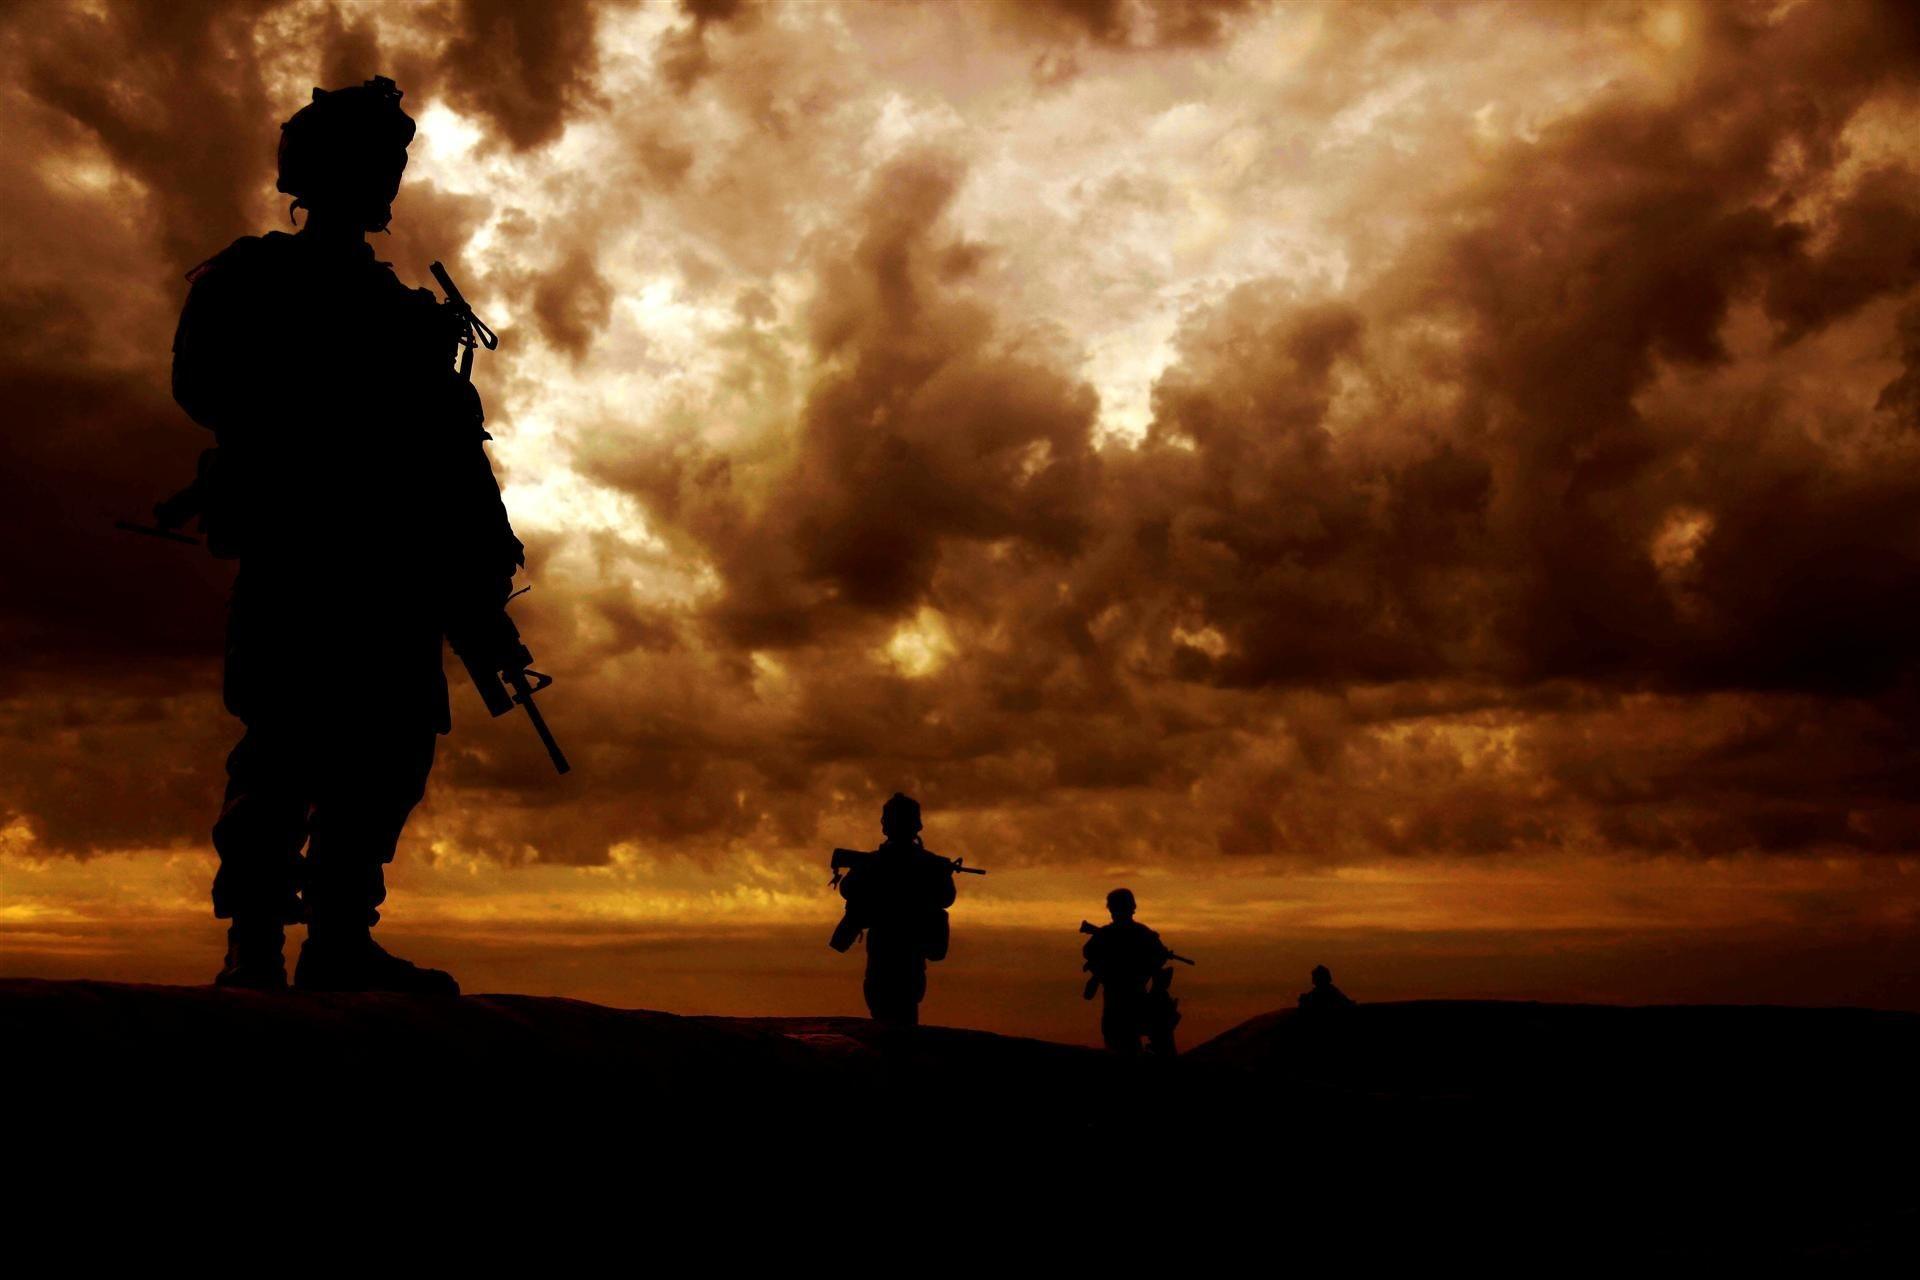 Marines Quotes Wallpaper. QuotesGram